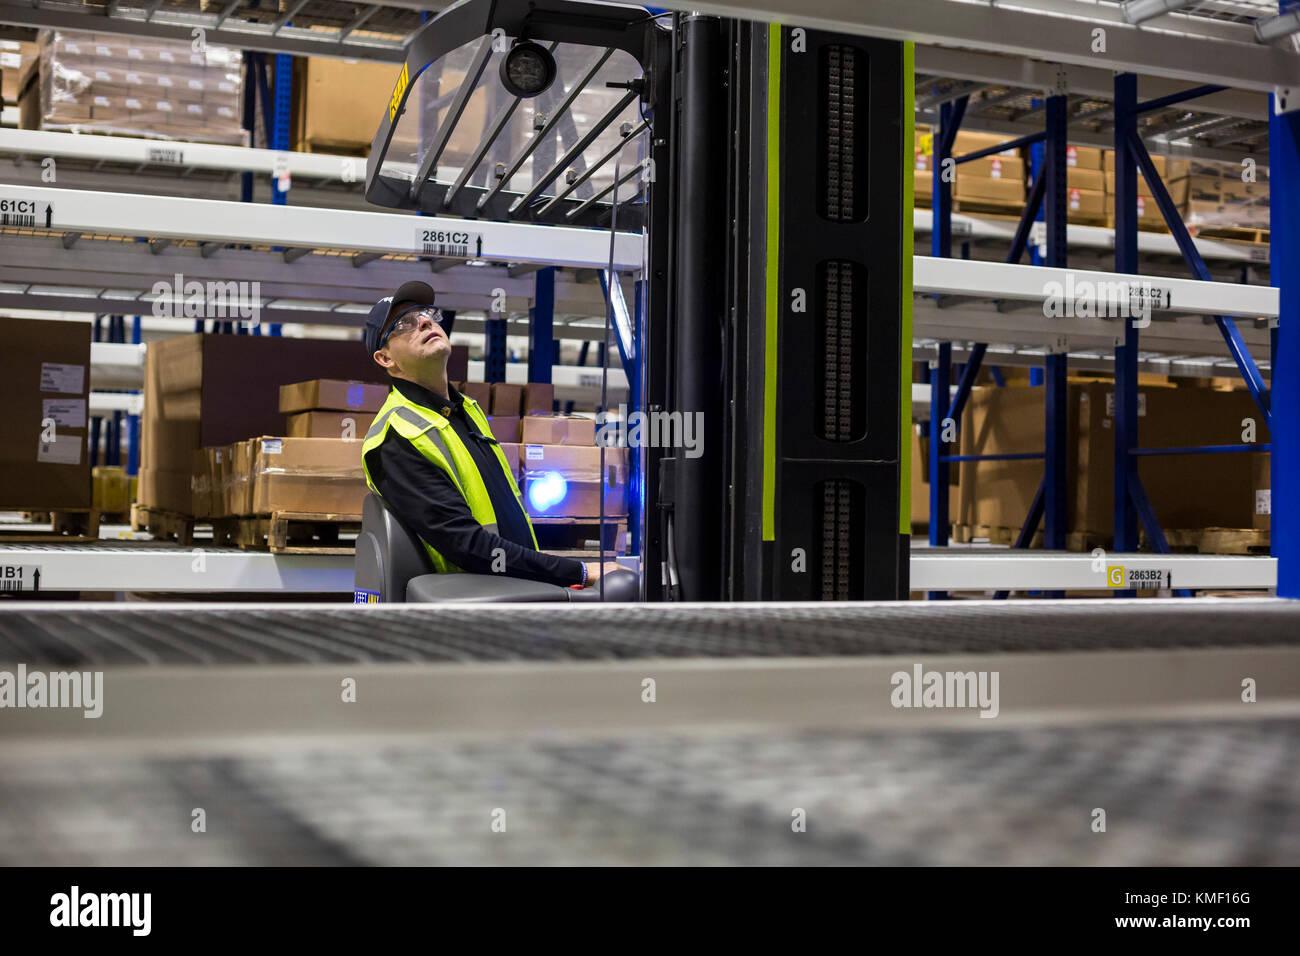 En Romulus, Michigan - un centro de distribución de repuestos de automóviles MOPAR. mopar es el funcionamiento Imagen De Stock